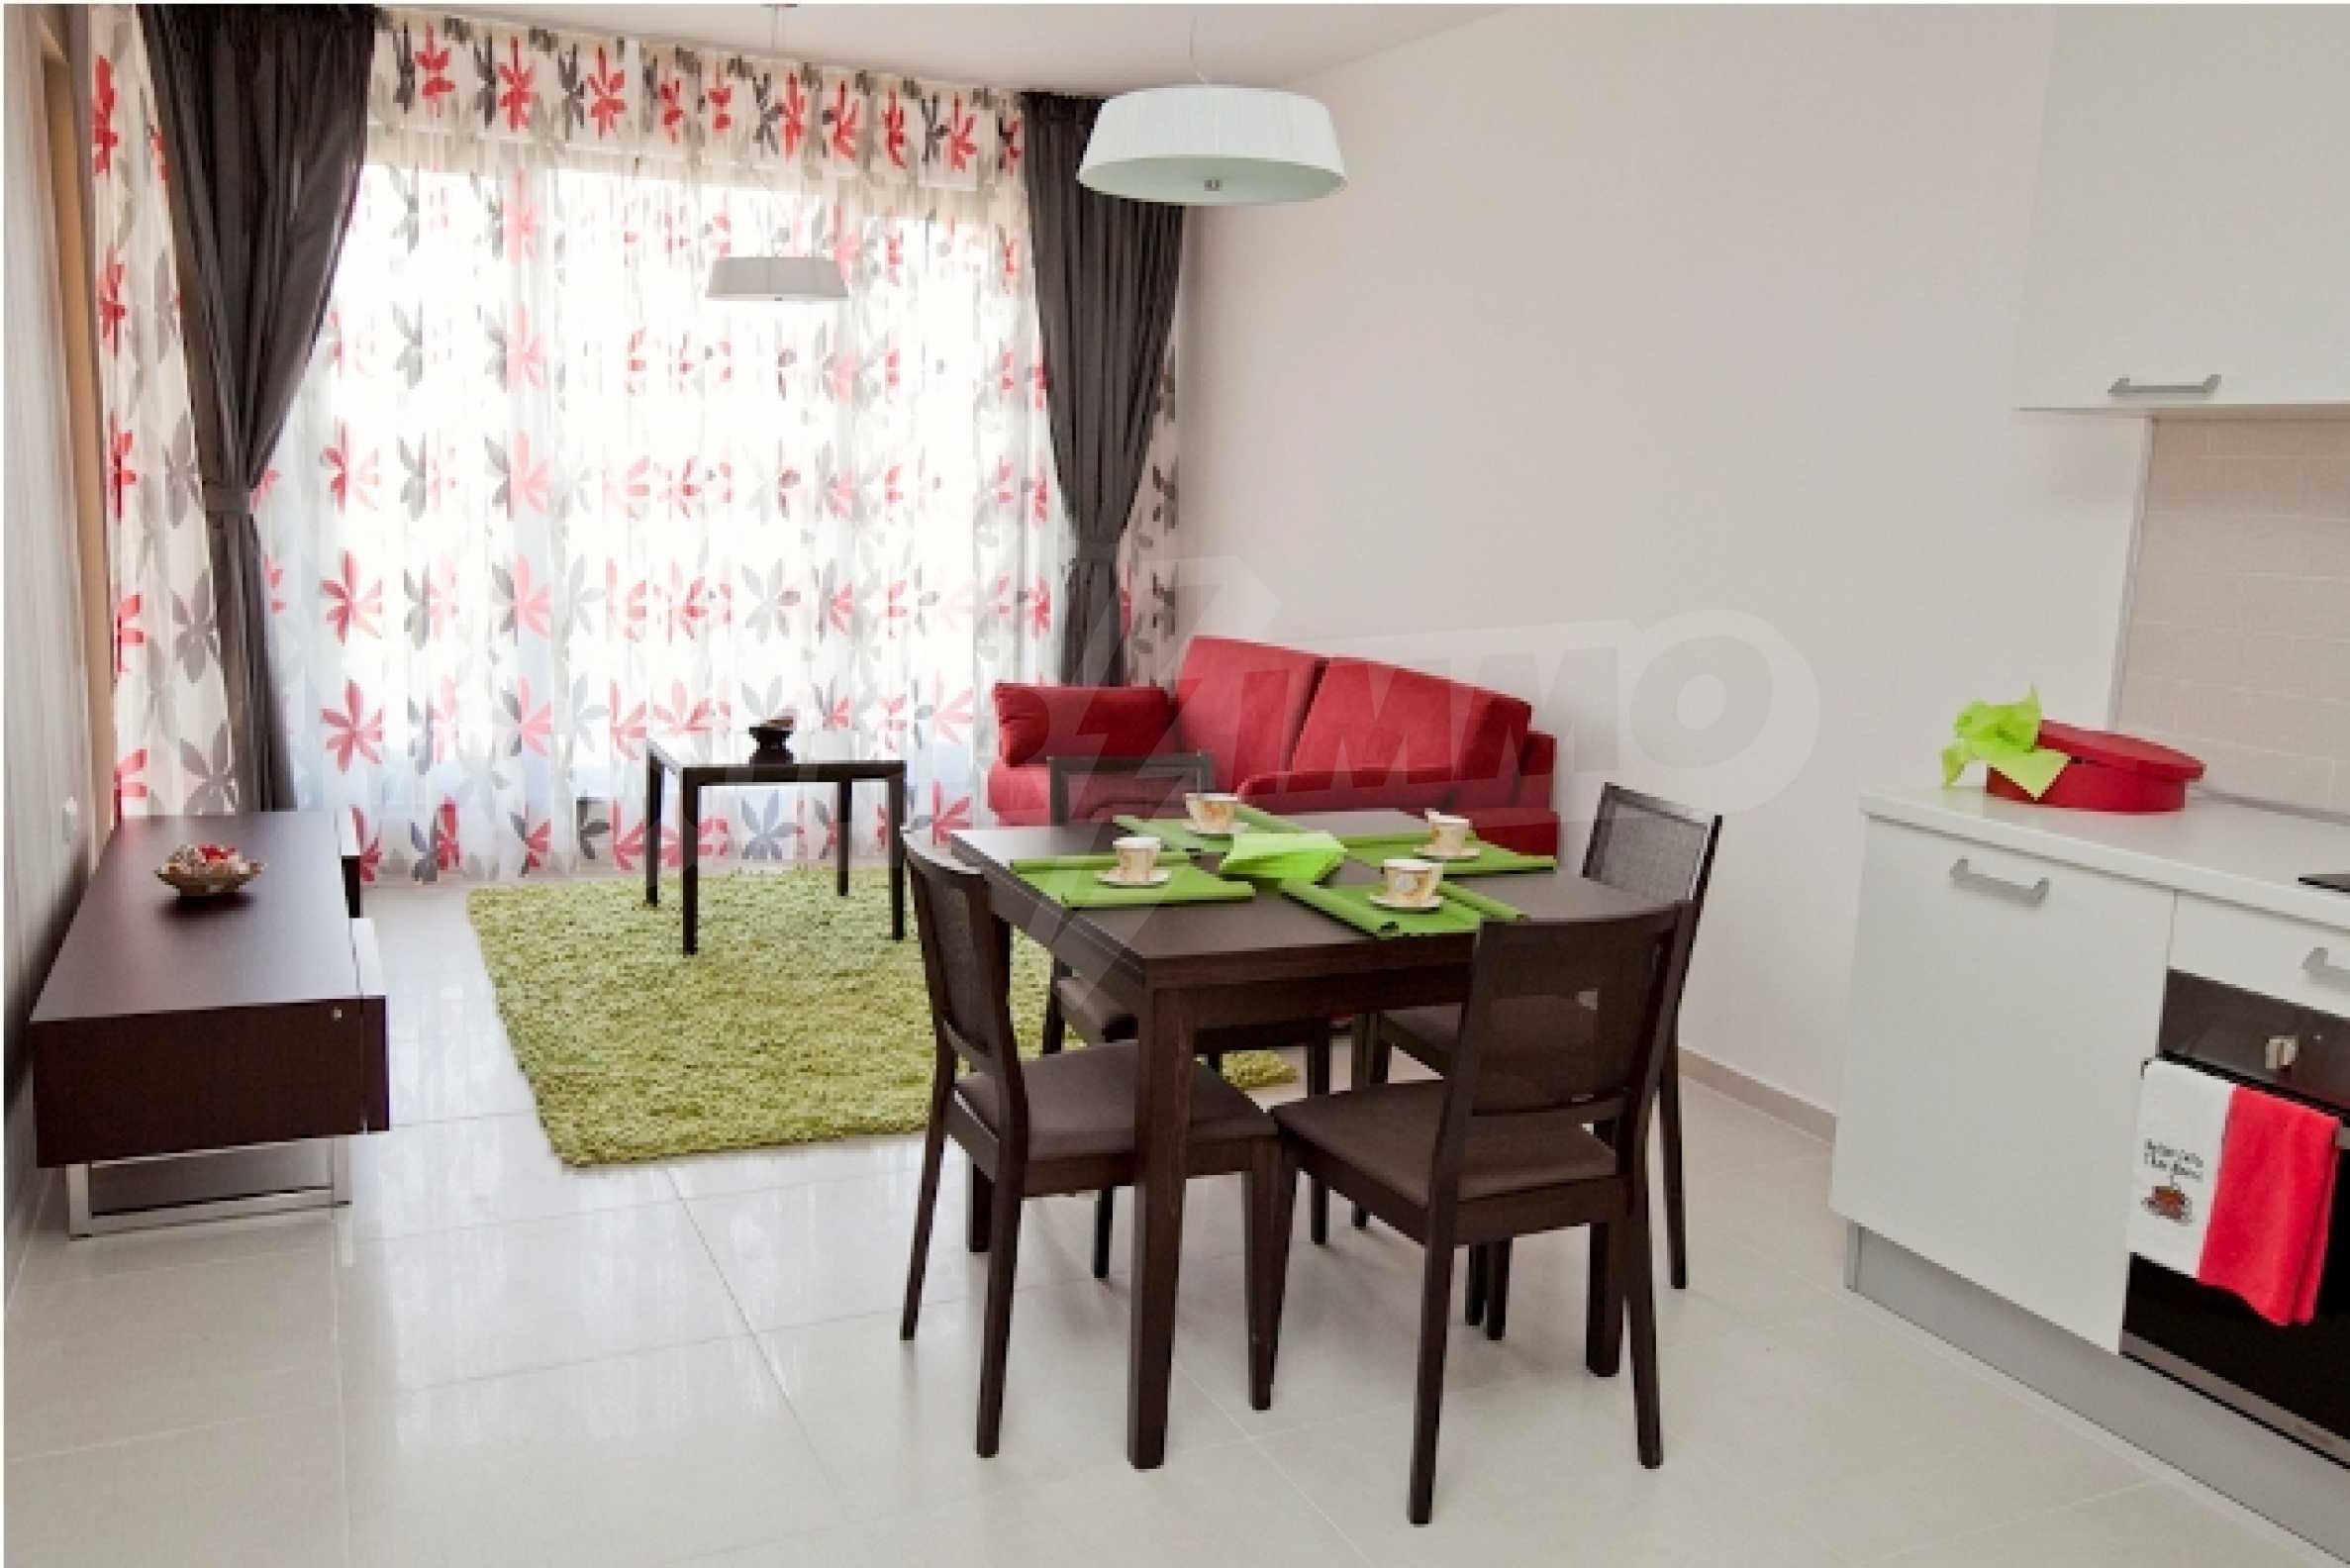 Wohnung in St.St. Constantine und Helena 40